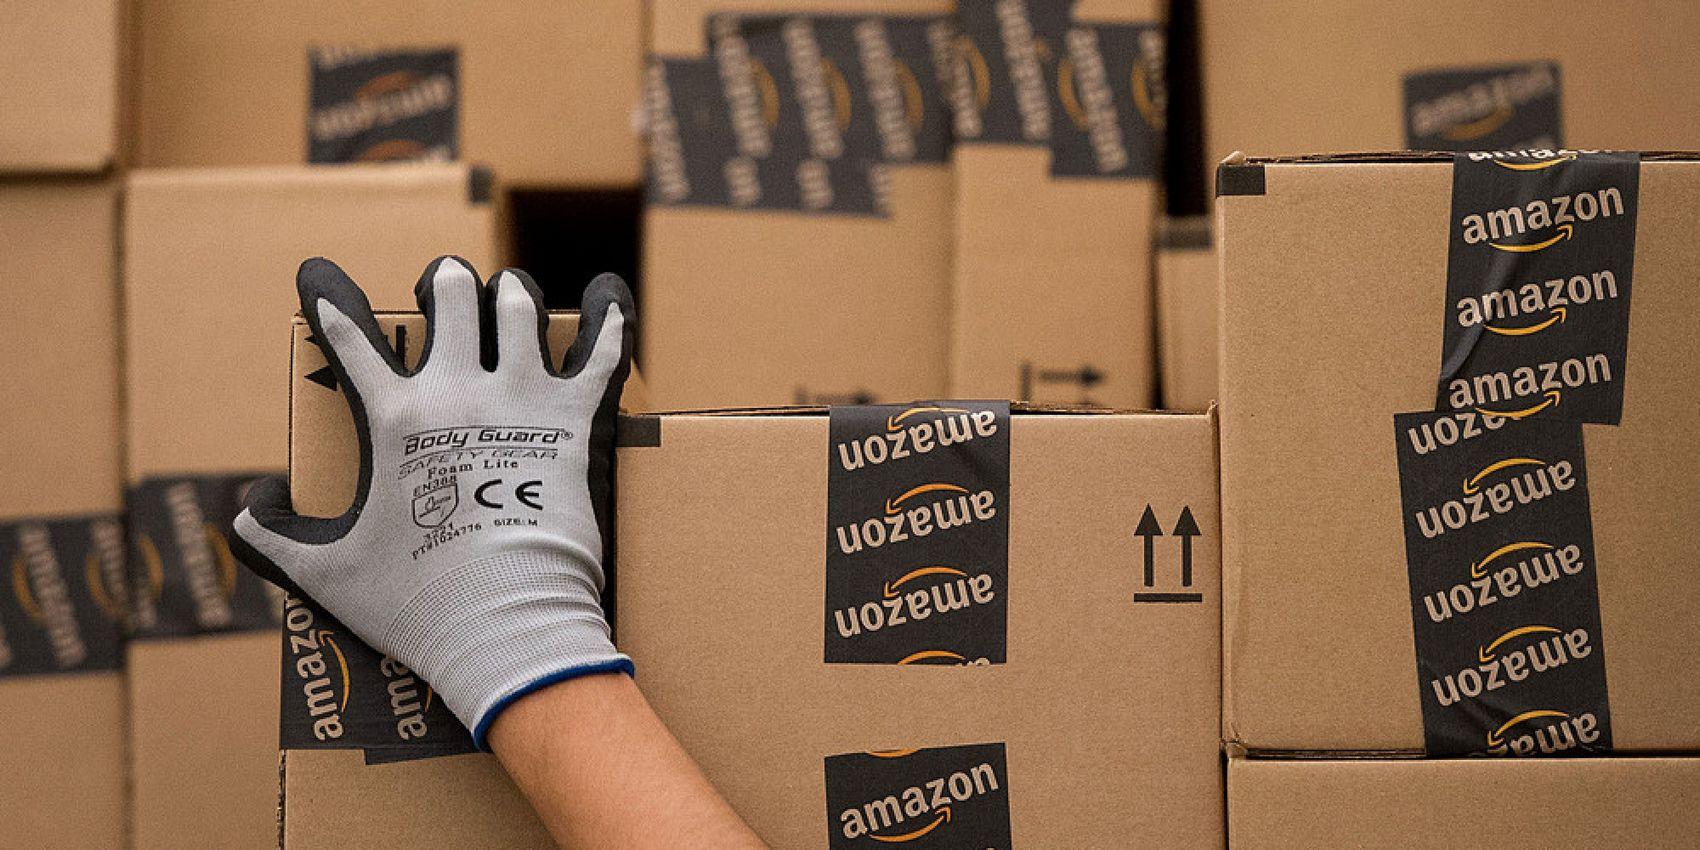 Amazon: in arrivo i pagamenti a rate per gli acquisti online